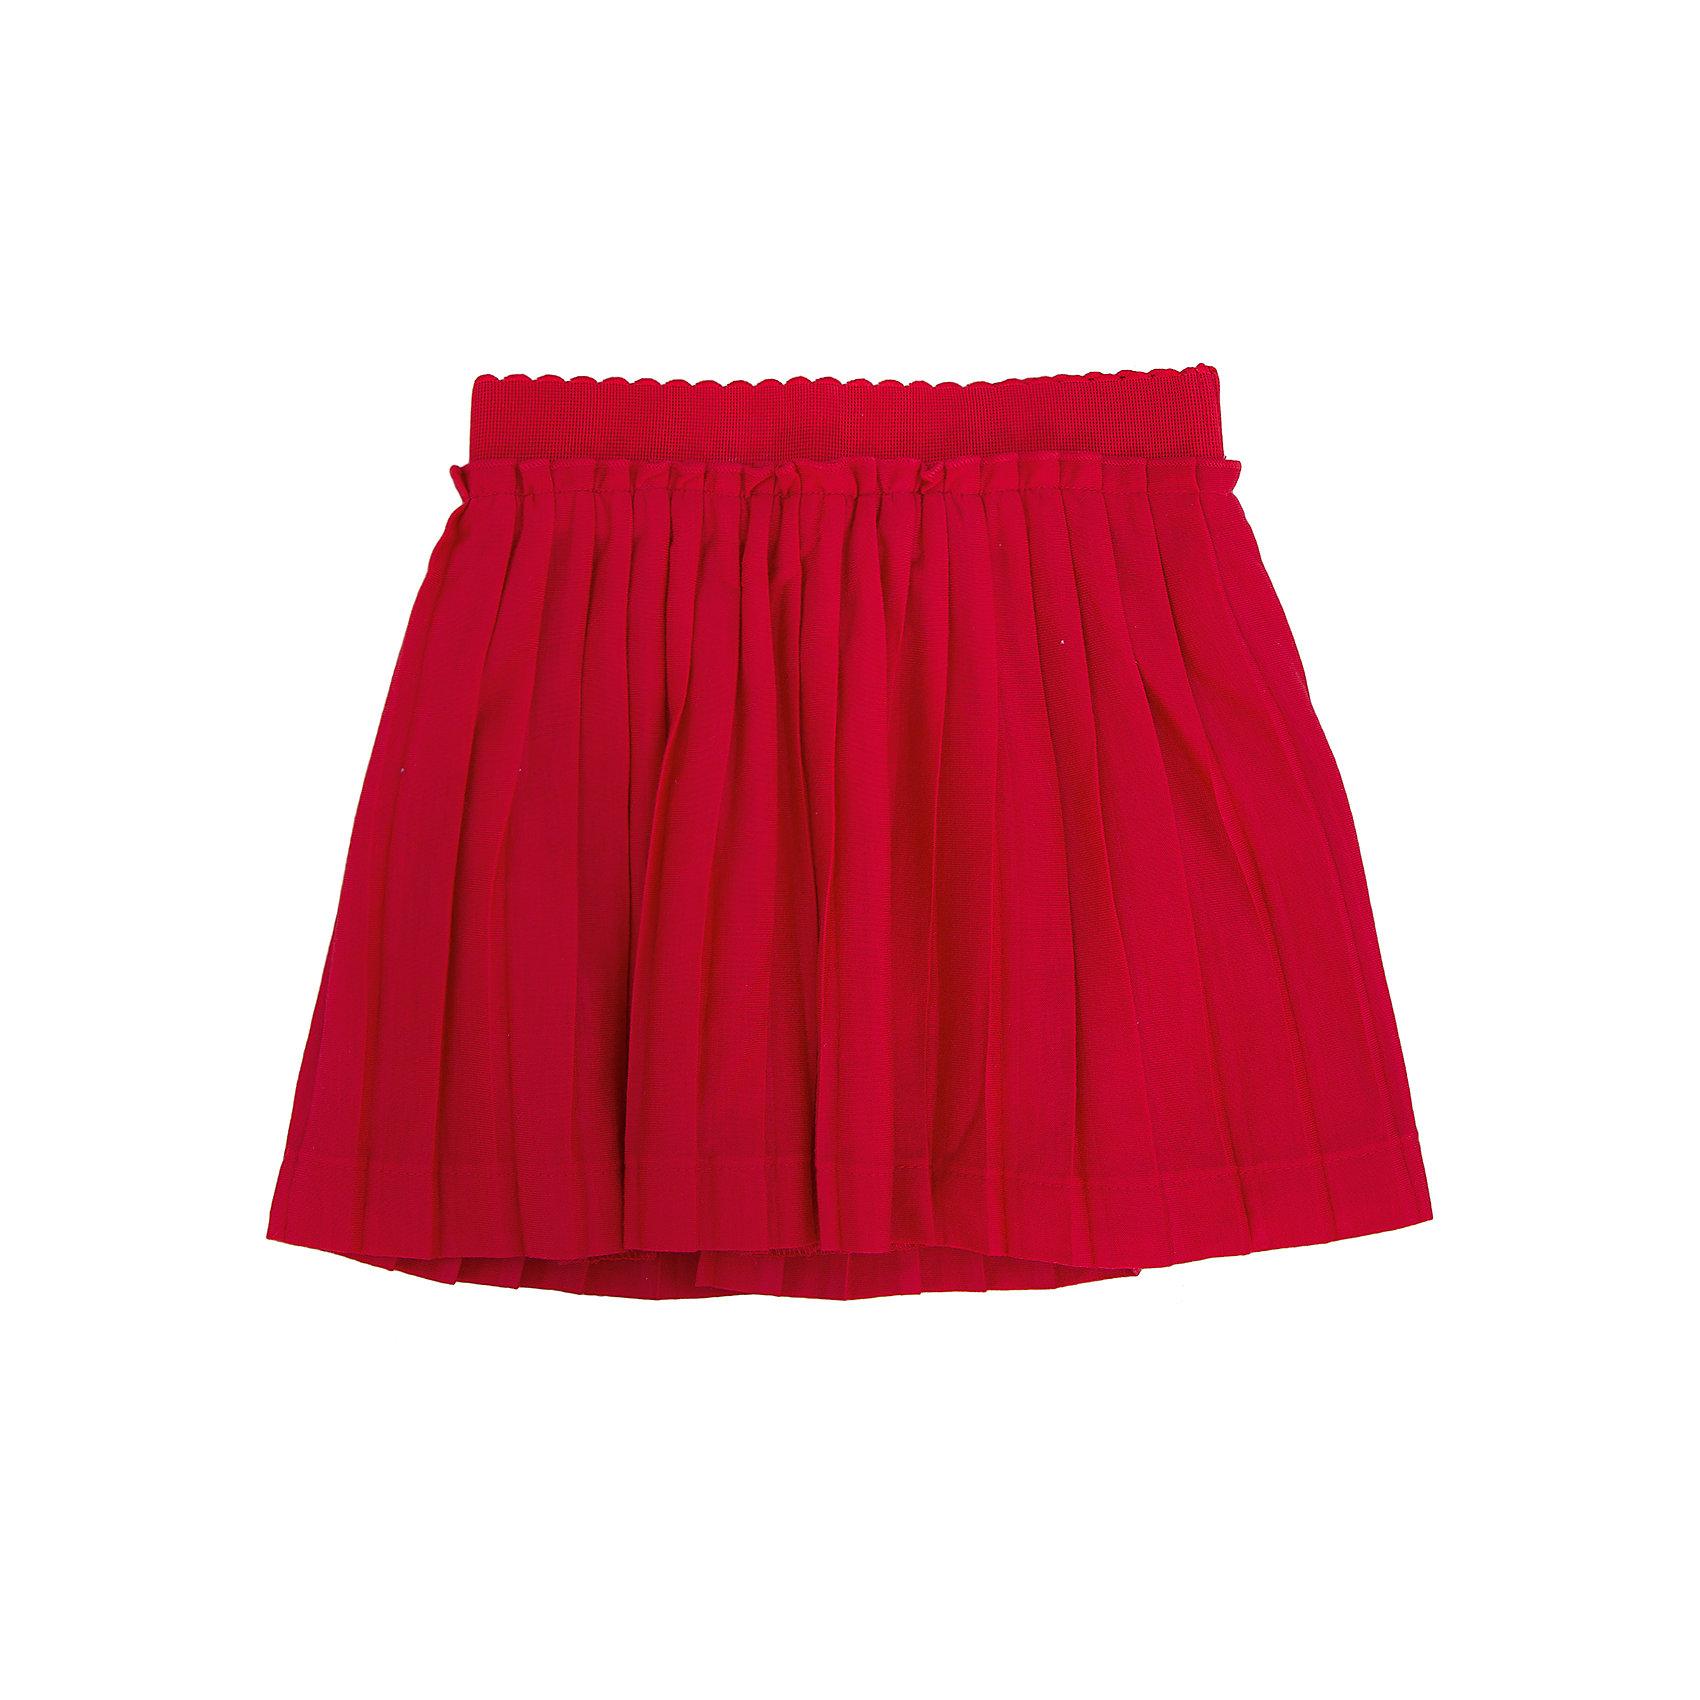 Юбка для девочки PlayTodayЮбки<br>Юбка для девочки от известного бренда PlayToday.<br>Воздушная плиссированная юбка яркого красного цвета. Внутри мягкая трикотажная подкладка, пояс на резинке.<br>Состав:<br>Верх: 100% полиэстер, Подкладка: 100% хлопок<br><br>Ширина мм: 207<br>Глубина мм: 10<br>Высота мм: 189<br>Вес г: 183<br>Цвет: красный<br>Возраст от месяцев: 72<br>Возраст до месяцев: 84<br>Пол: Женский<br>Возраст: Детский<br>Размер: 122,104,128,116,98,110<br>SKU: 4897664